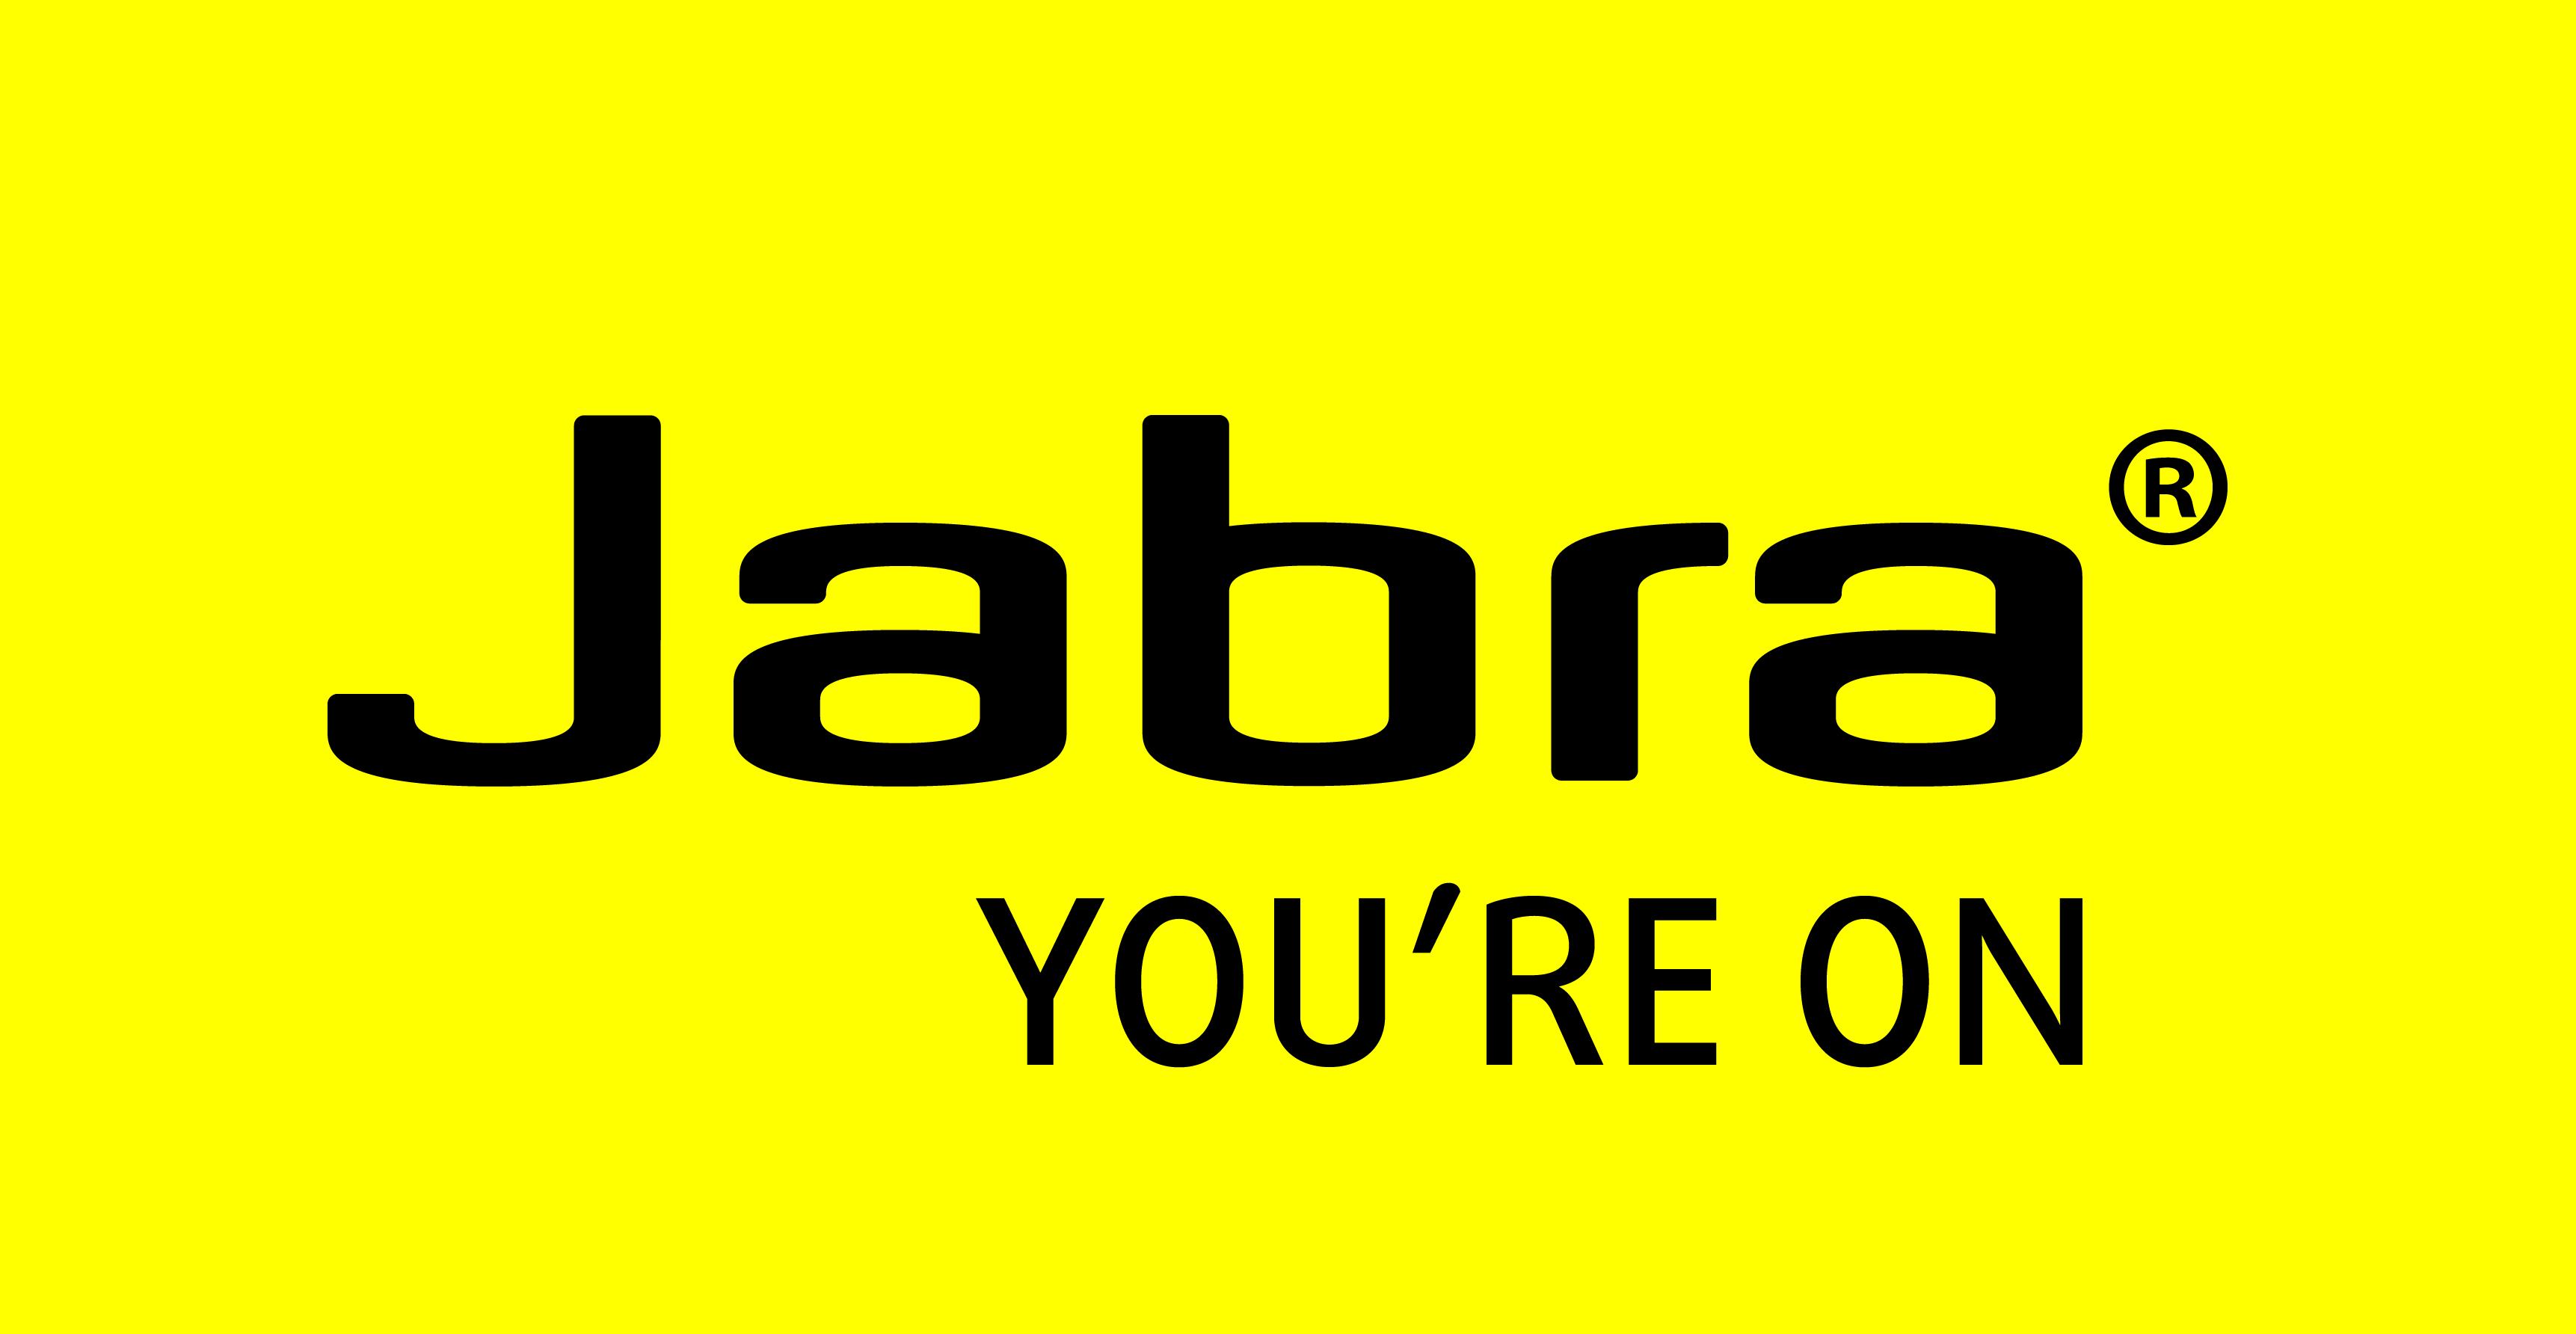 jabra_youre_on_logo_4c_CMYK